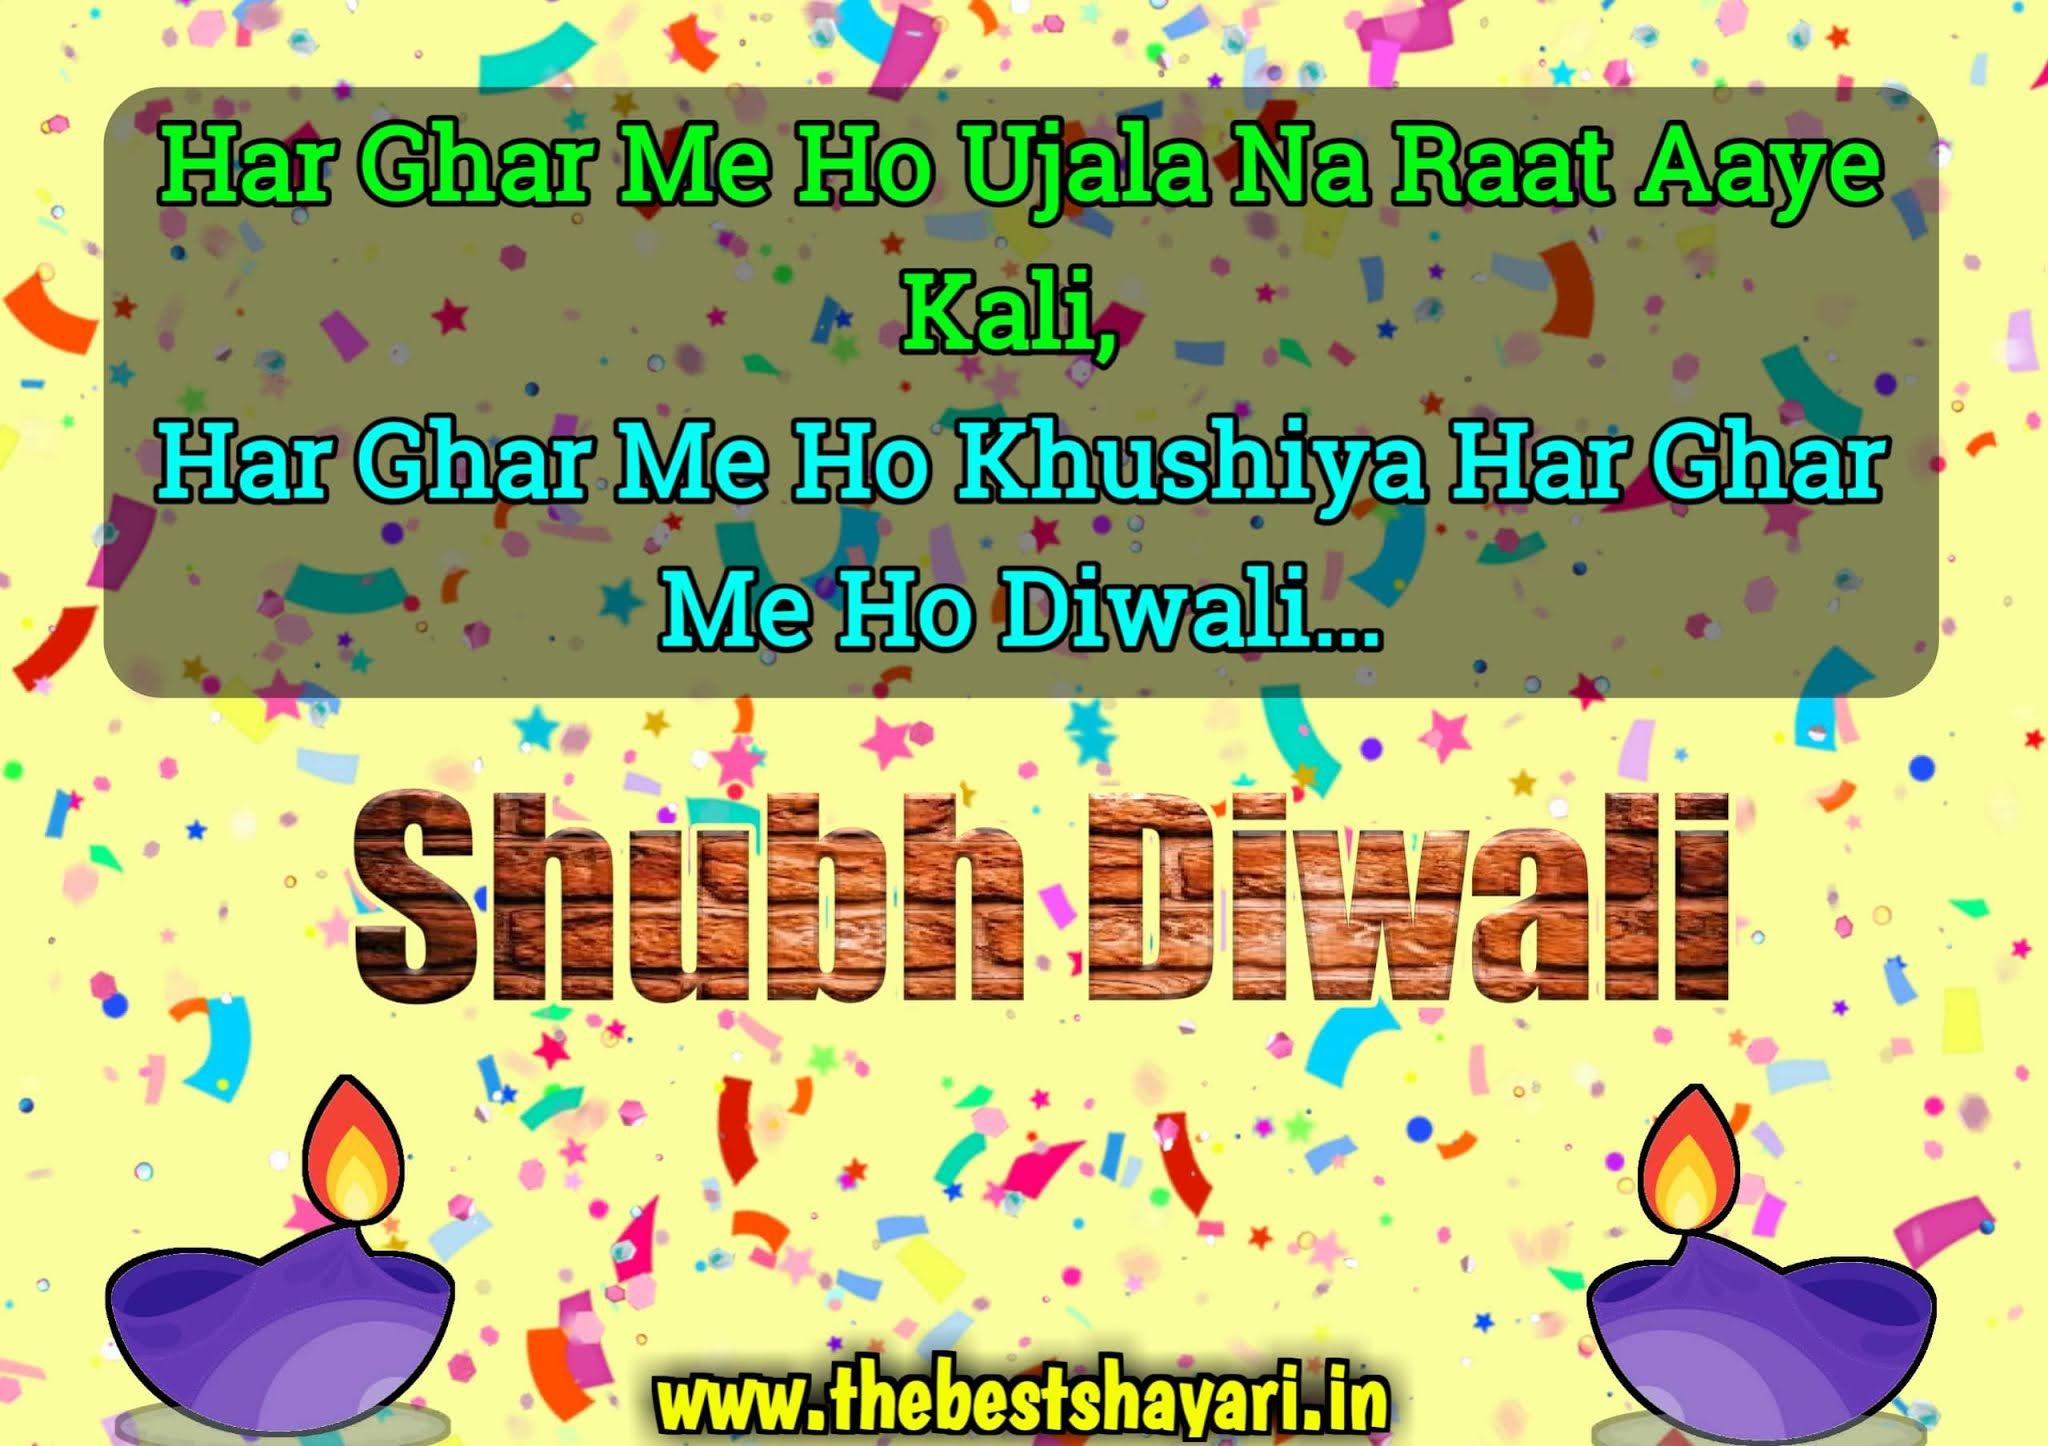 Diwali greeting message